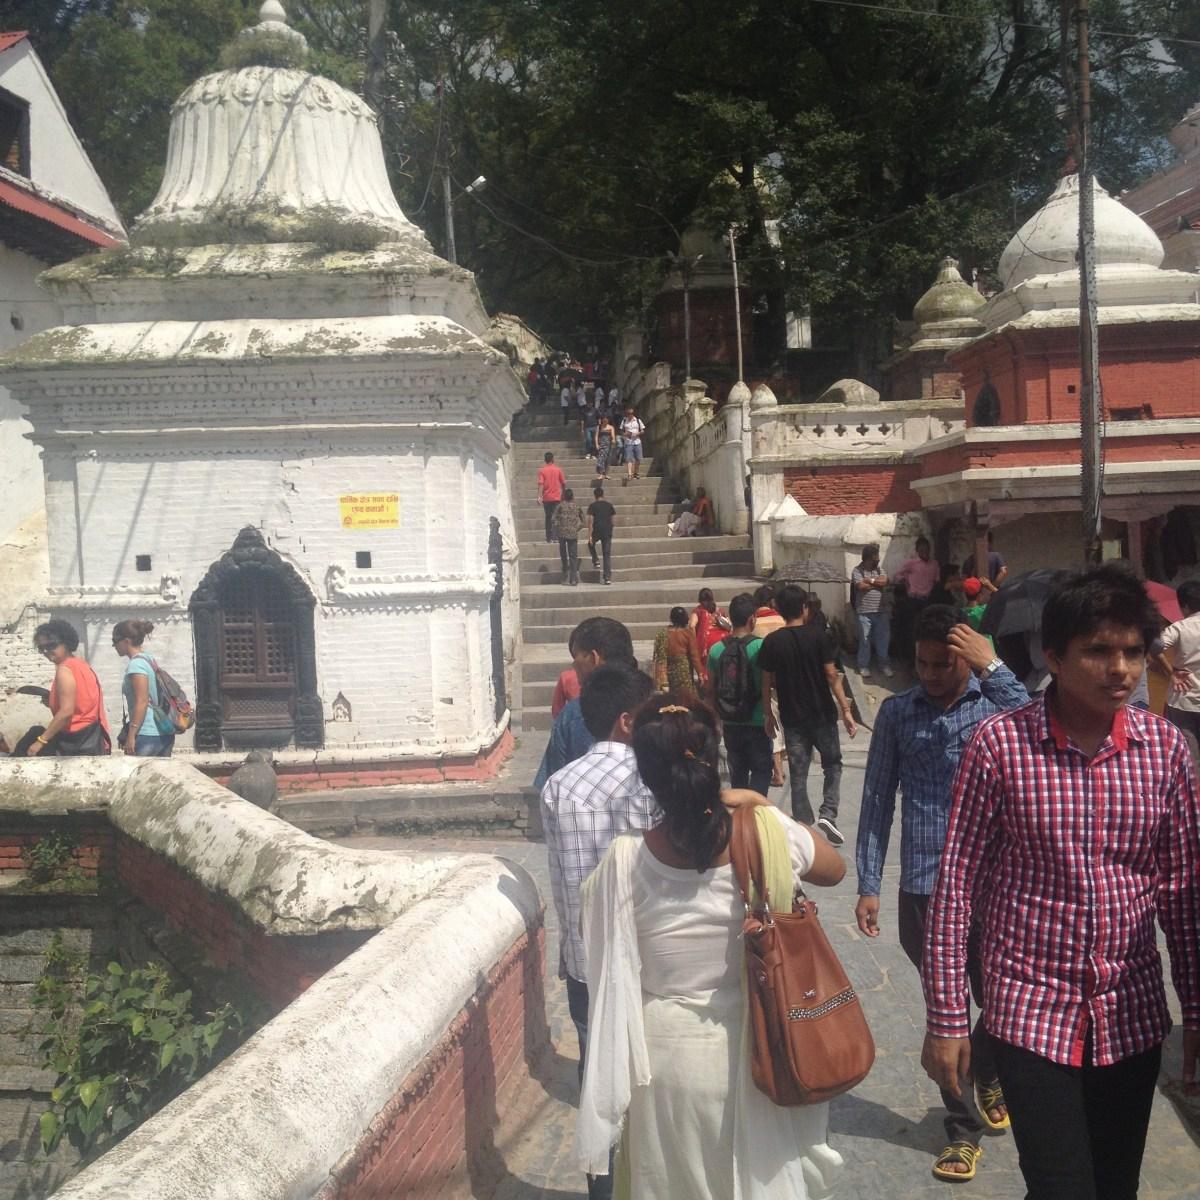 Kathmandu Tourism: The Stairs at Pashupatinath